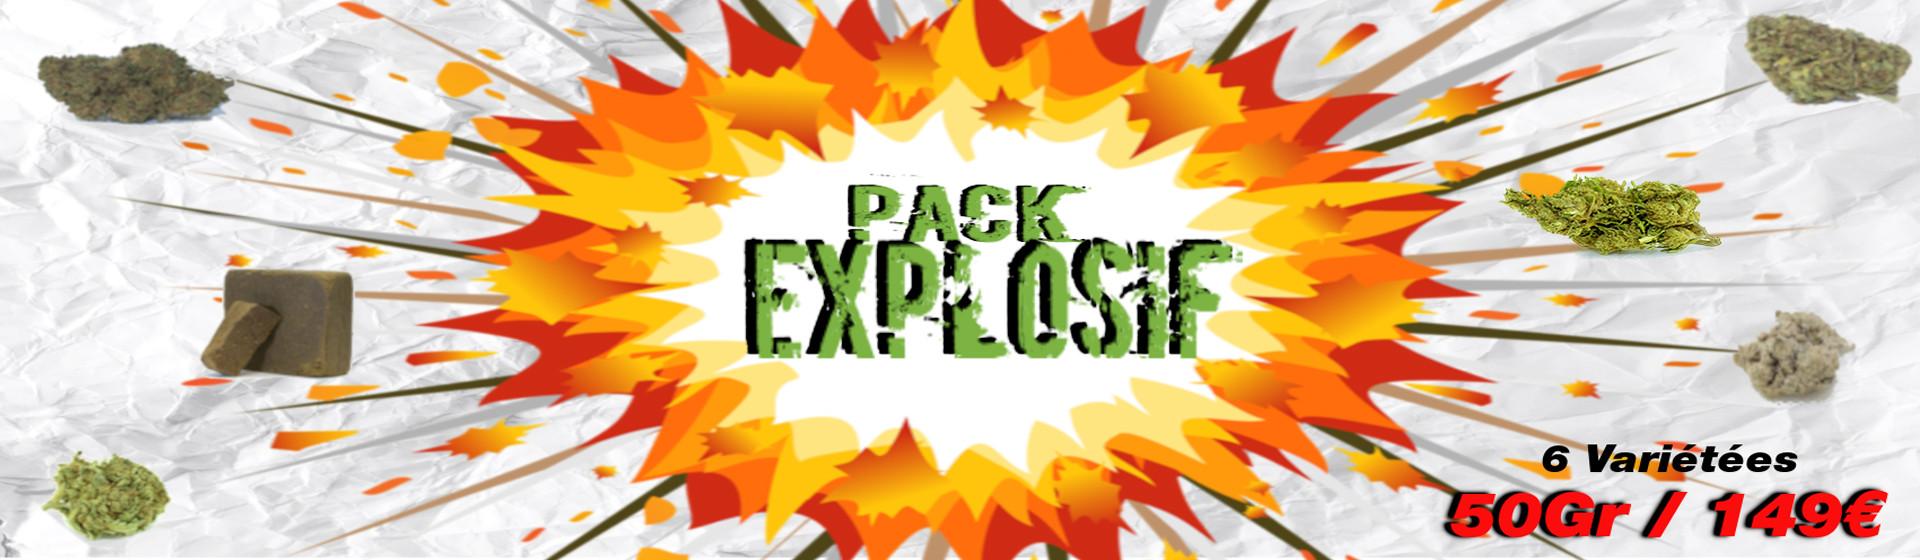 Pack Cbd explosif